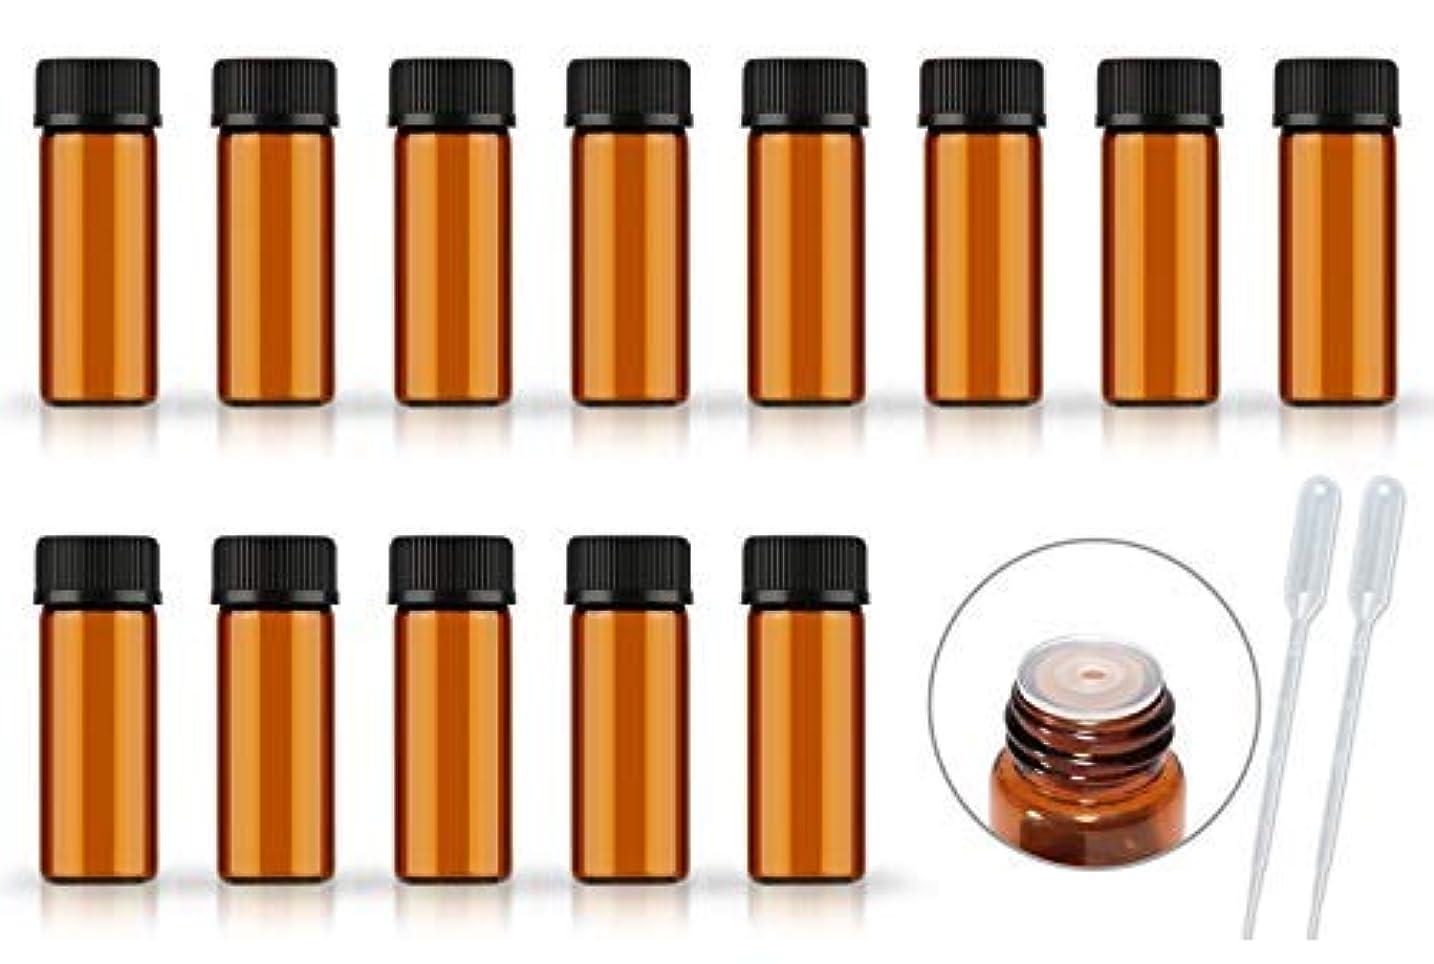 すごいアンタゴニスト拒否50Pack Set 1ML 2ML 5ML Amber Glass Bottle with Orifice Reducer and Cap Small Essential Oil Vials (5ML) [並行輸入品]